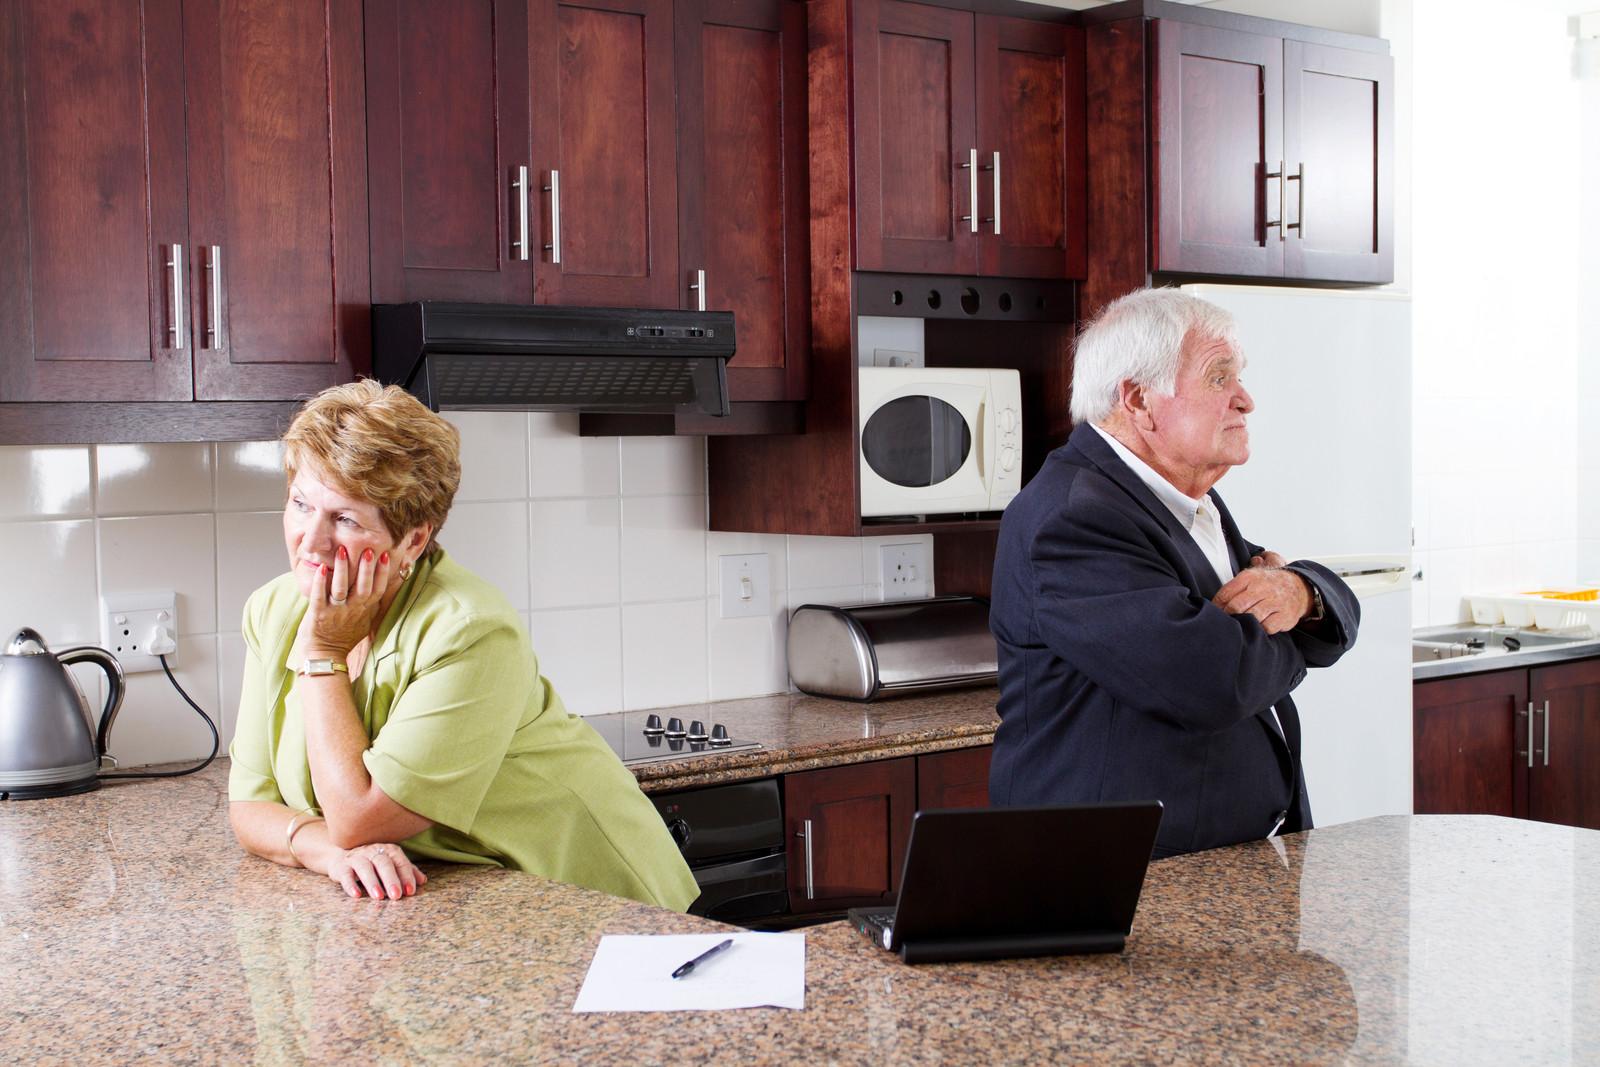 Делится ли при разводе приватизированная квартира